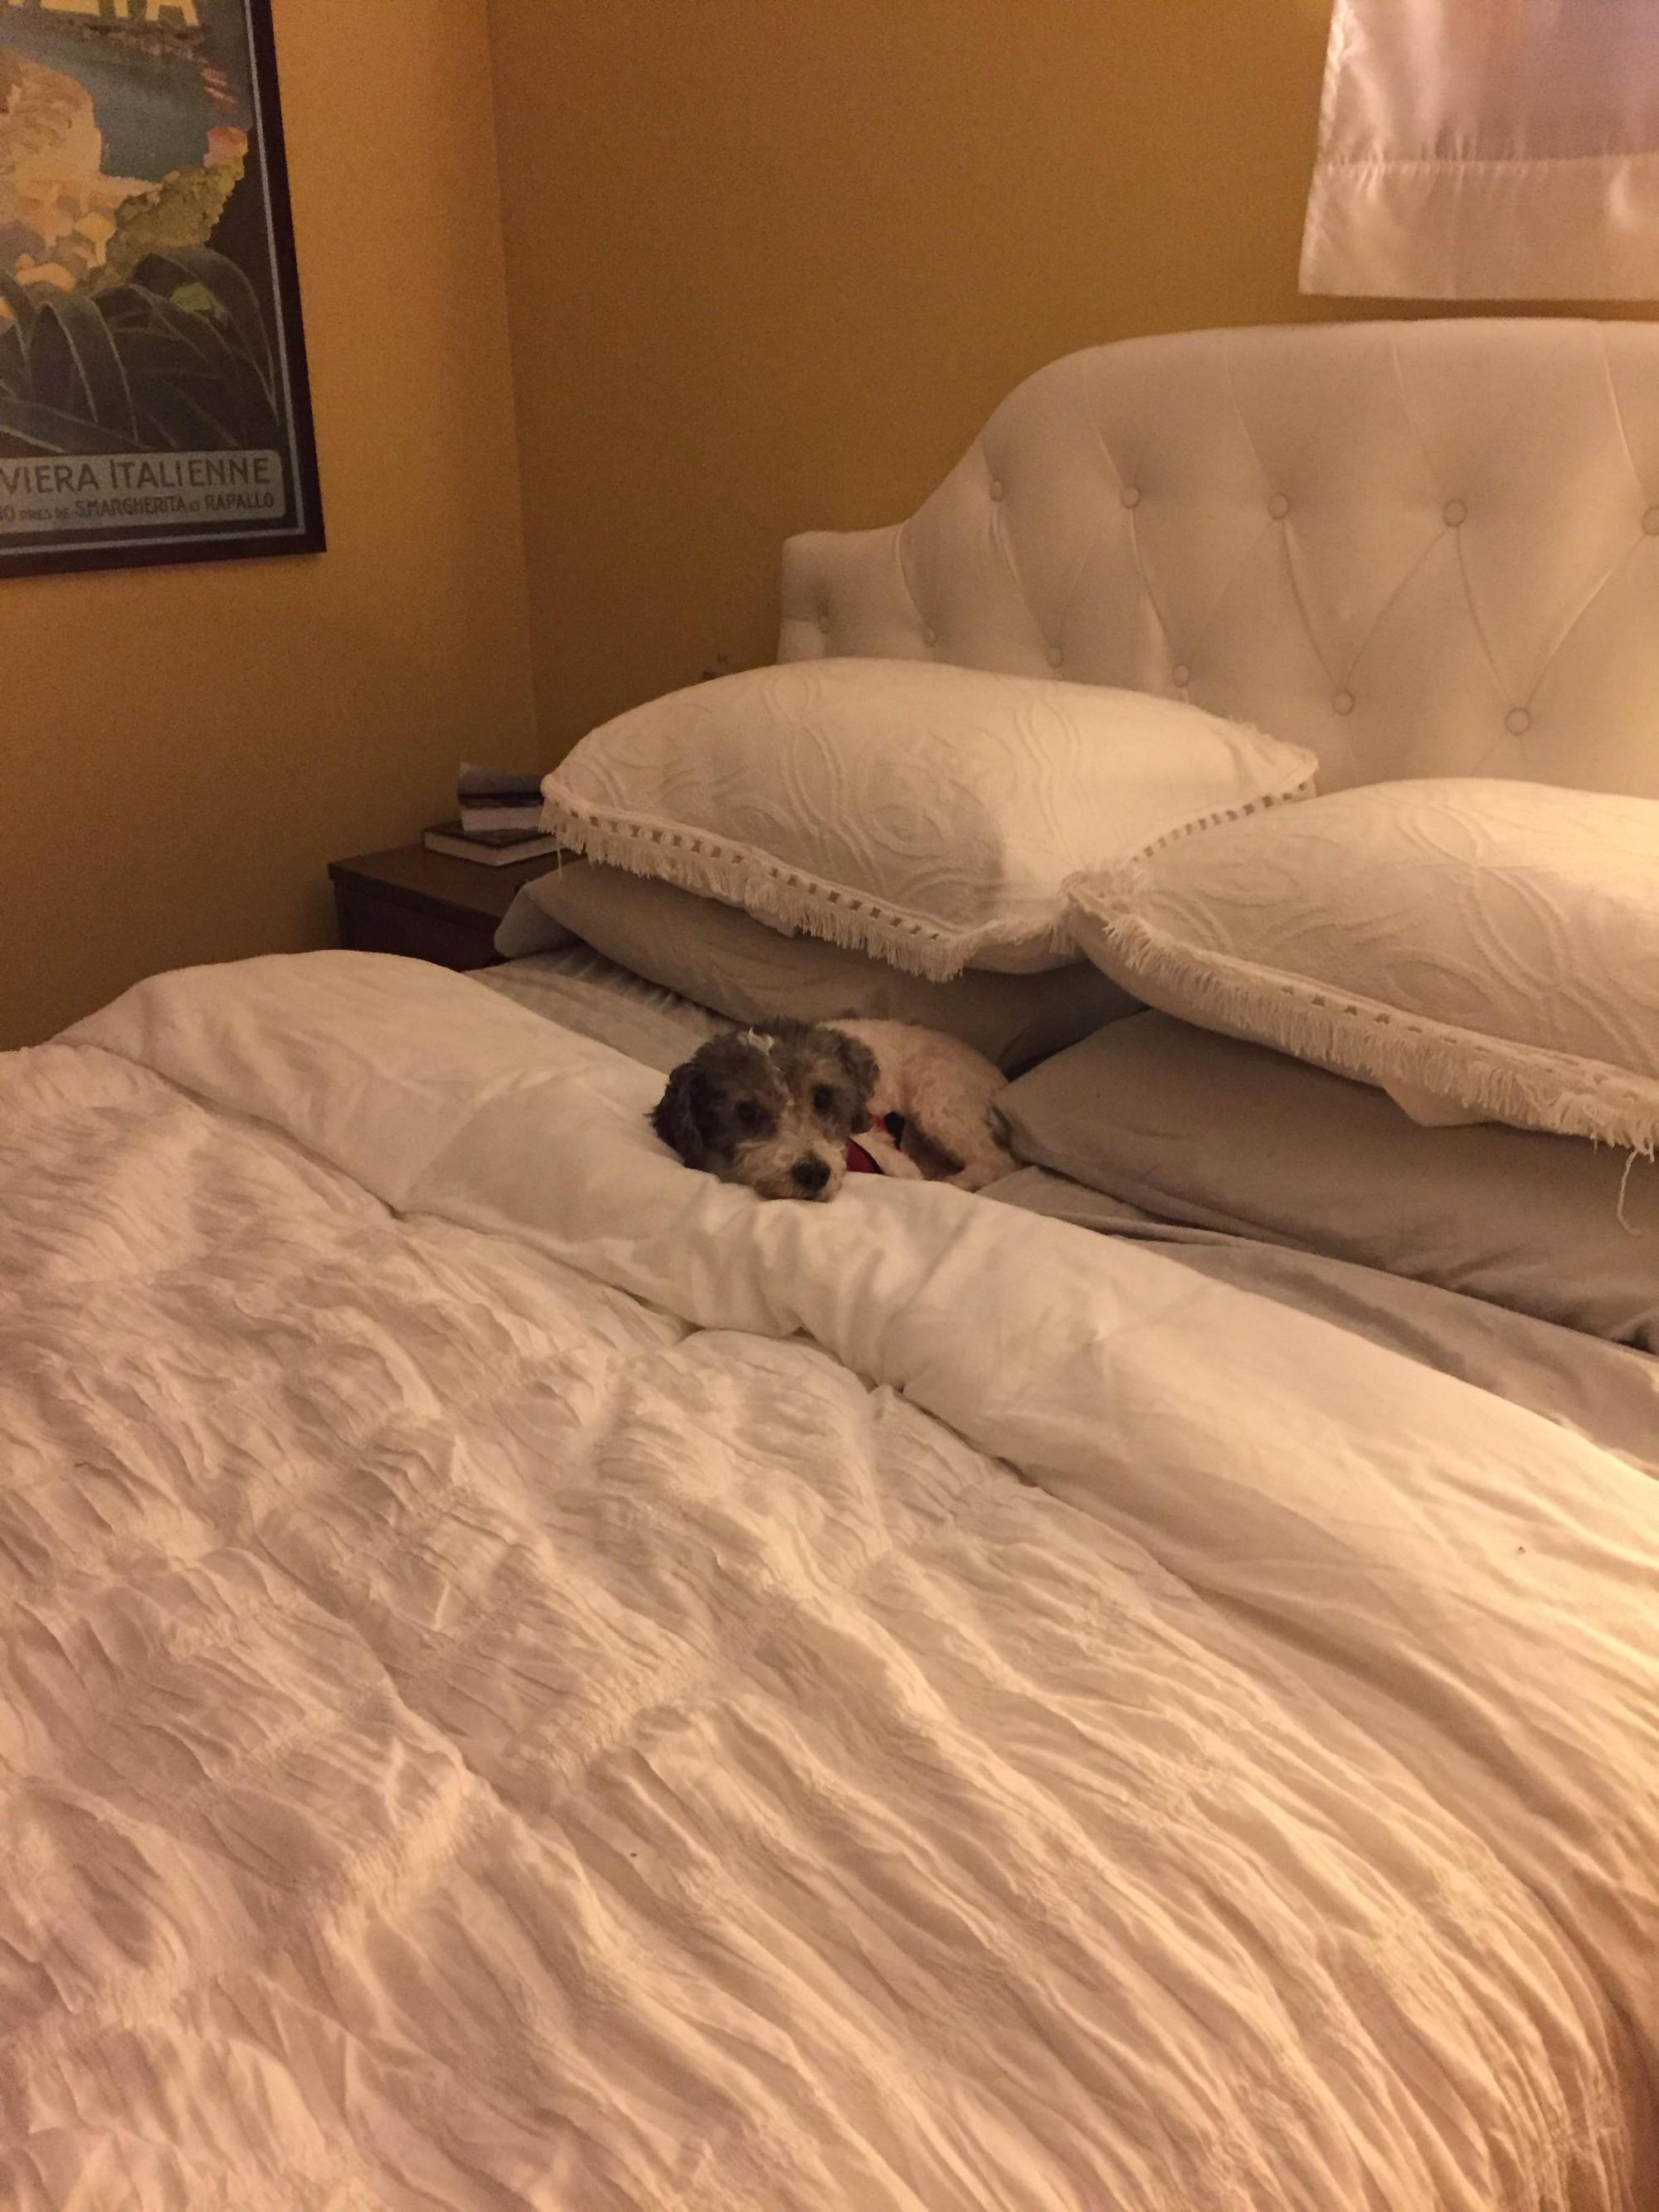 15 chú chó xấu tính chỉ thích độc chiếm một mình một giường mới chịu - Ảnh 5.